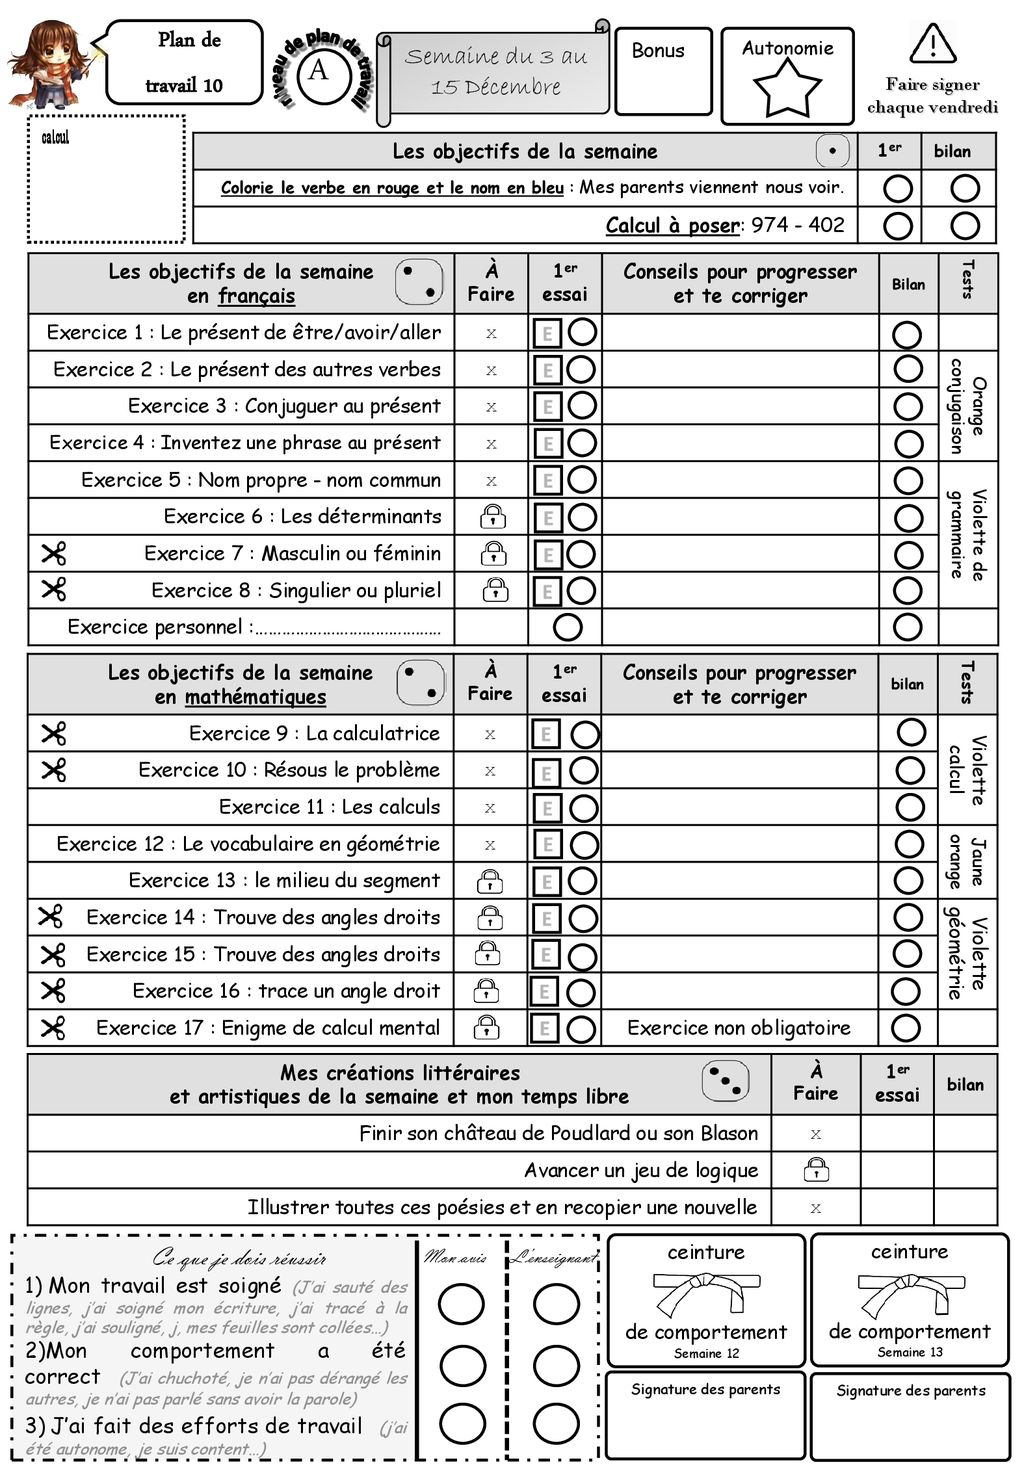 Plan De Travail 15 plan de travail 10 a semaine du 3 au 15 décembre - ppt